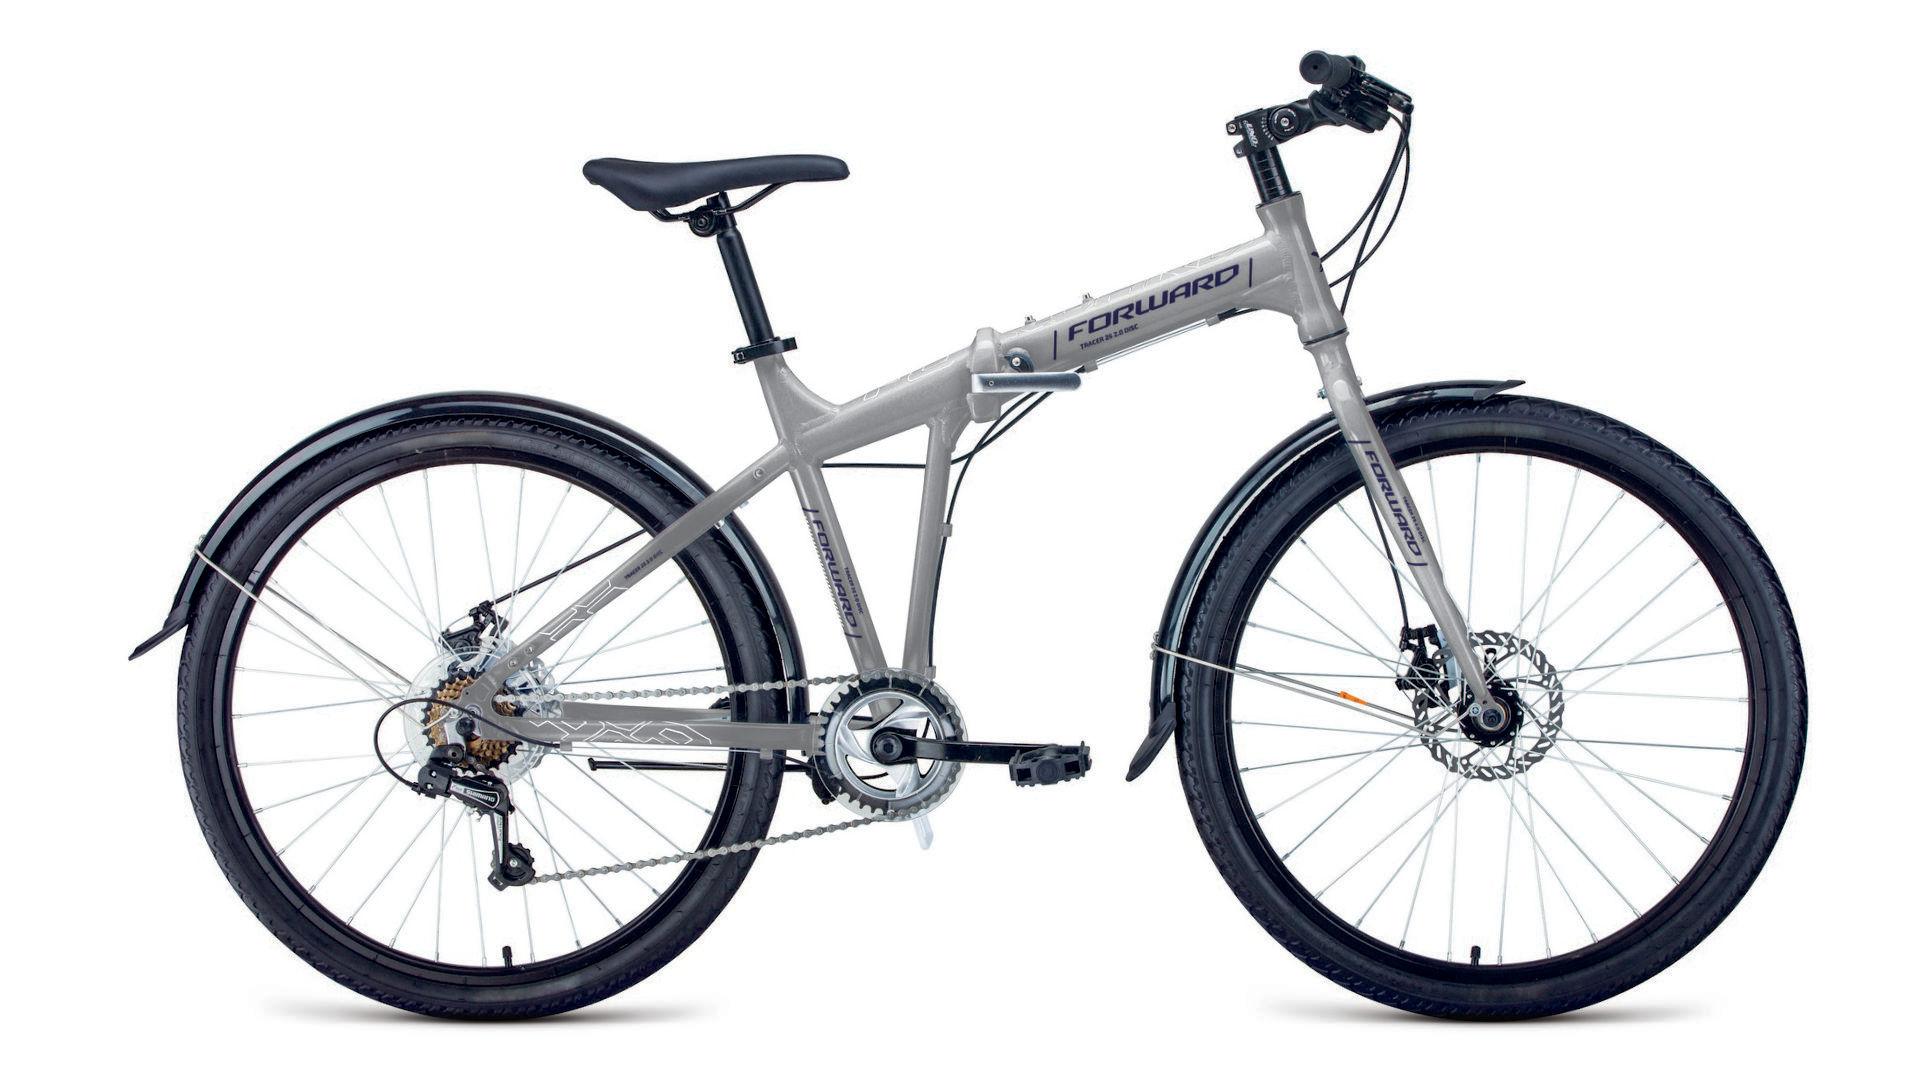 Дорожный велосипед Forward Tracer 26 2.0 disc (2020)